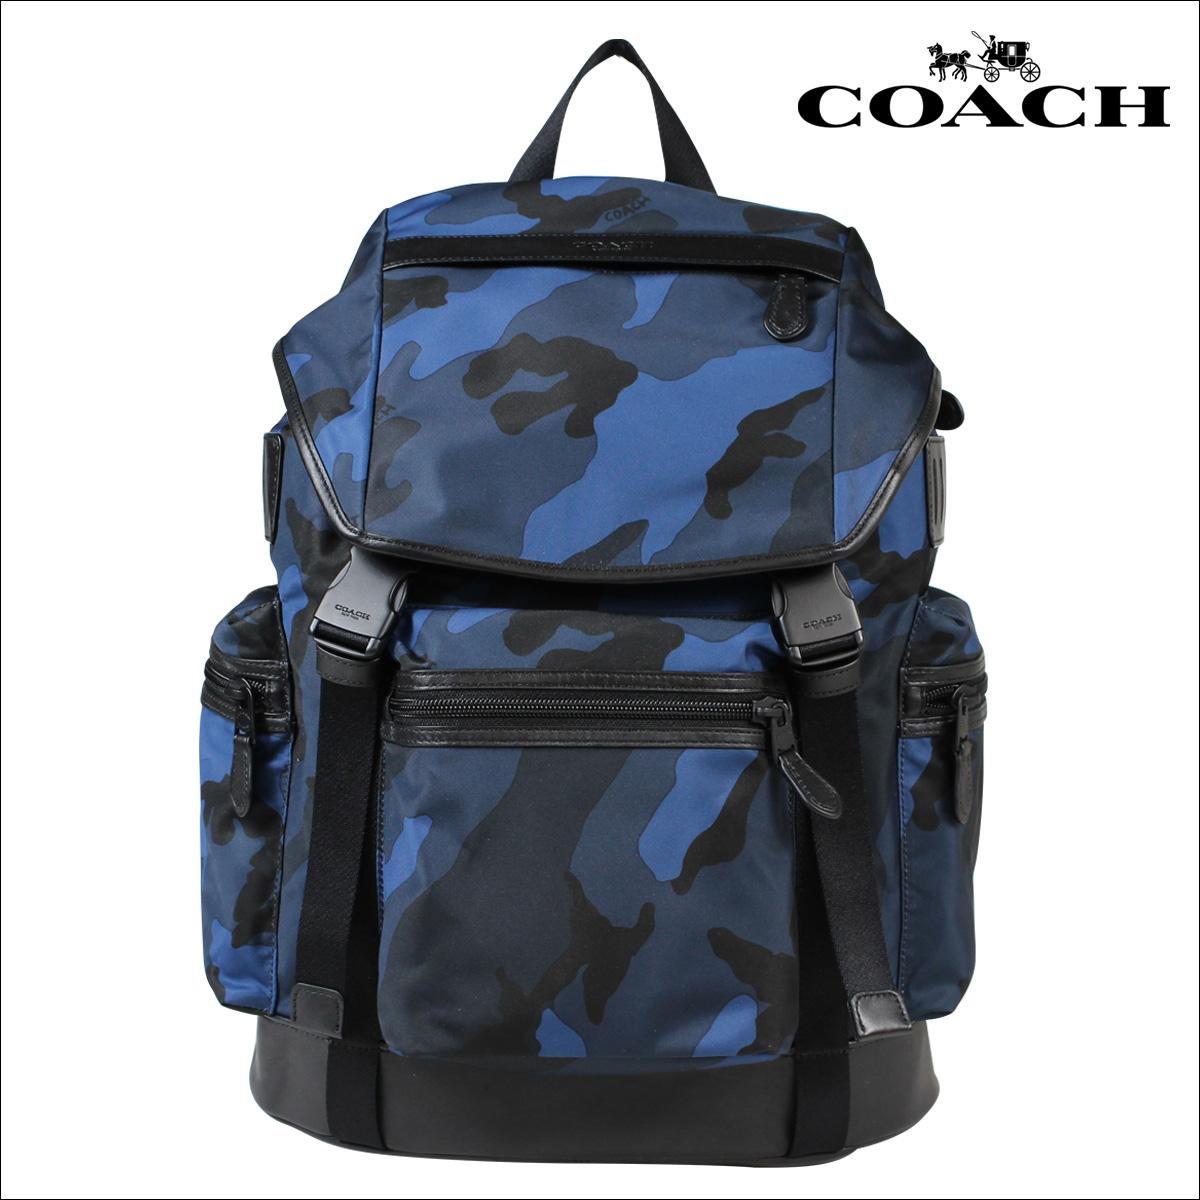 教練教練男裝袋背包背包 F54783 海軍迷彩 [回來的股票 10/4]